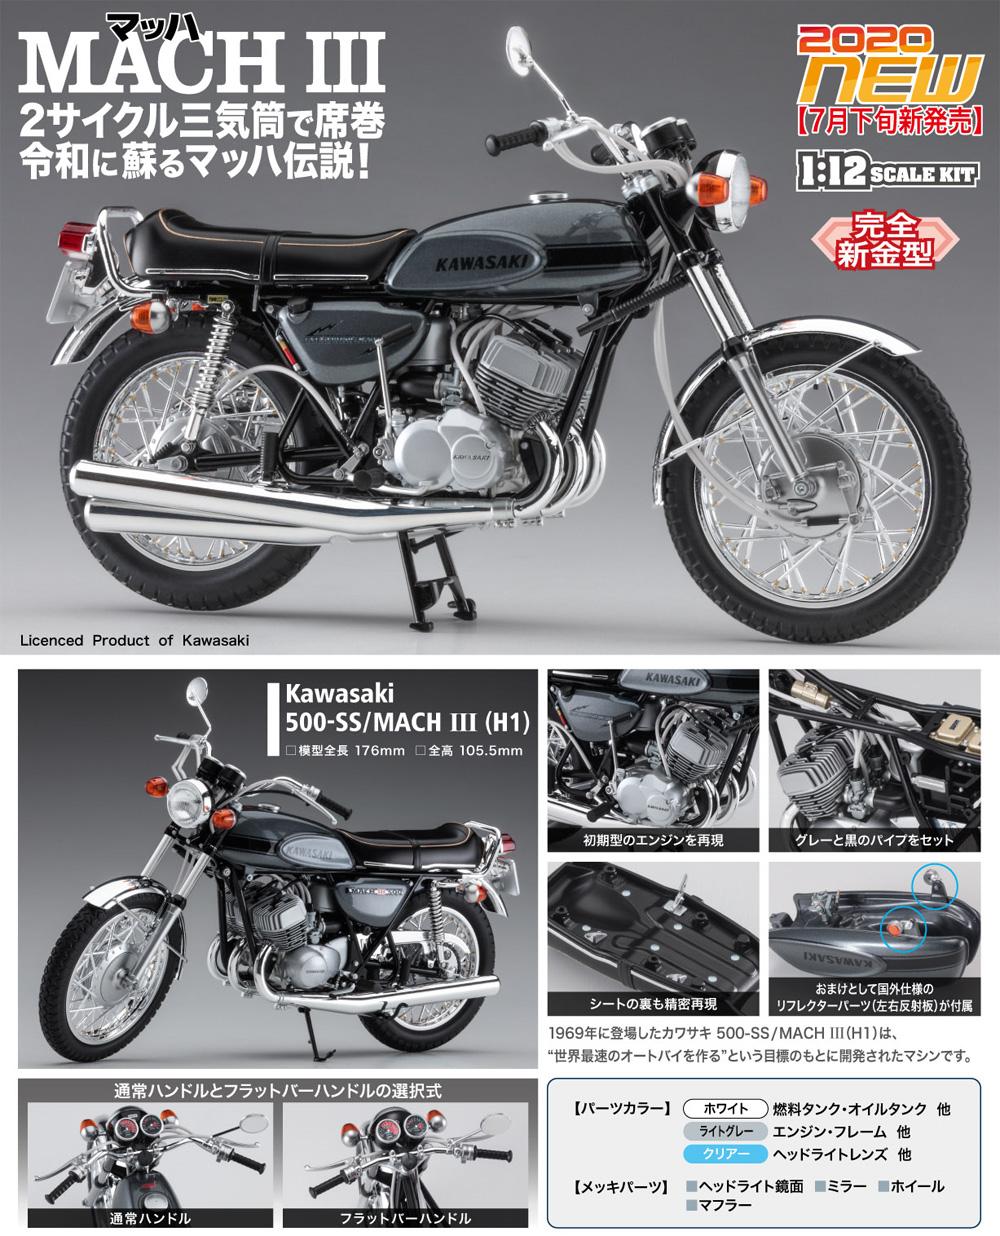 カワサキ 500-SS/MACH 3 (H1)プラモデル(ハセガワ1/12 バイクシリーズNo.BK-010)商品画像_2